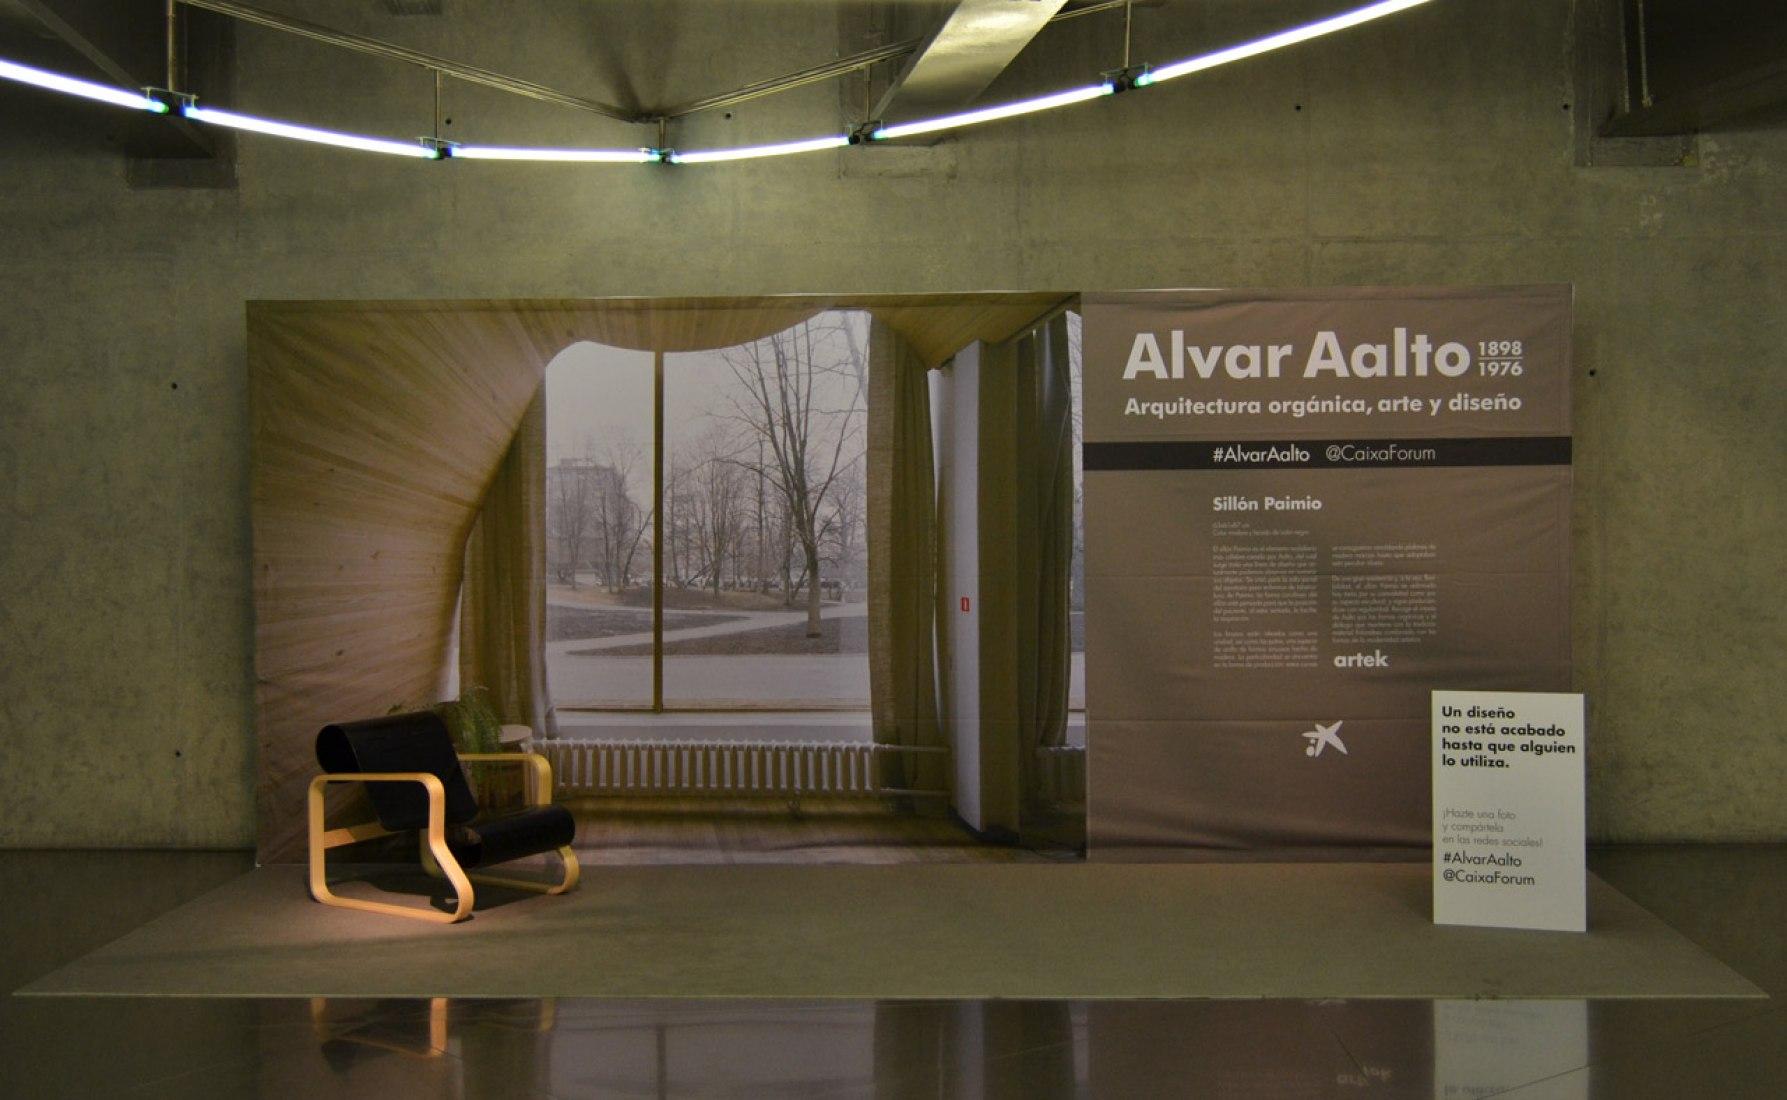 Vista interior de la sala de exposiciones. Alvar Aalto en CaixaForum Madrid. Fotografía © Branly Pérez / METALOCUS.